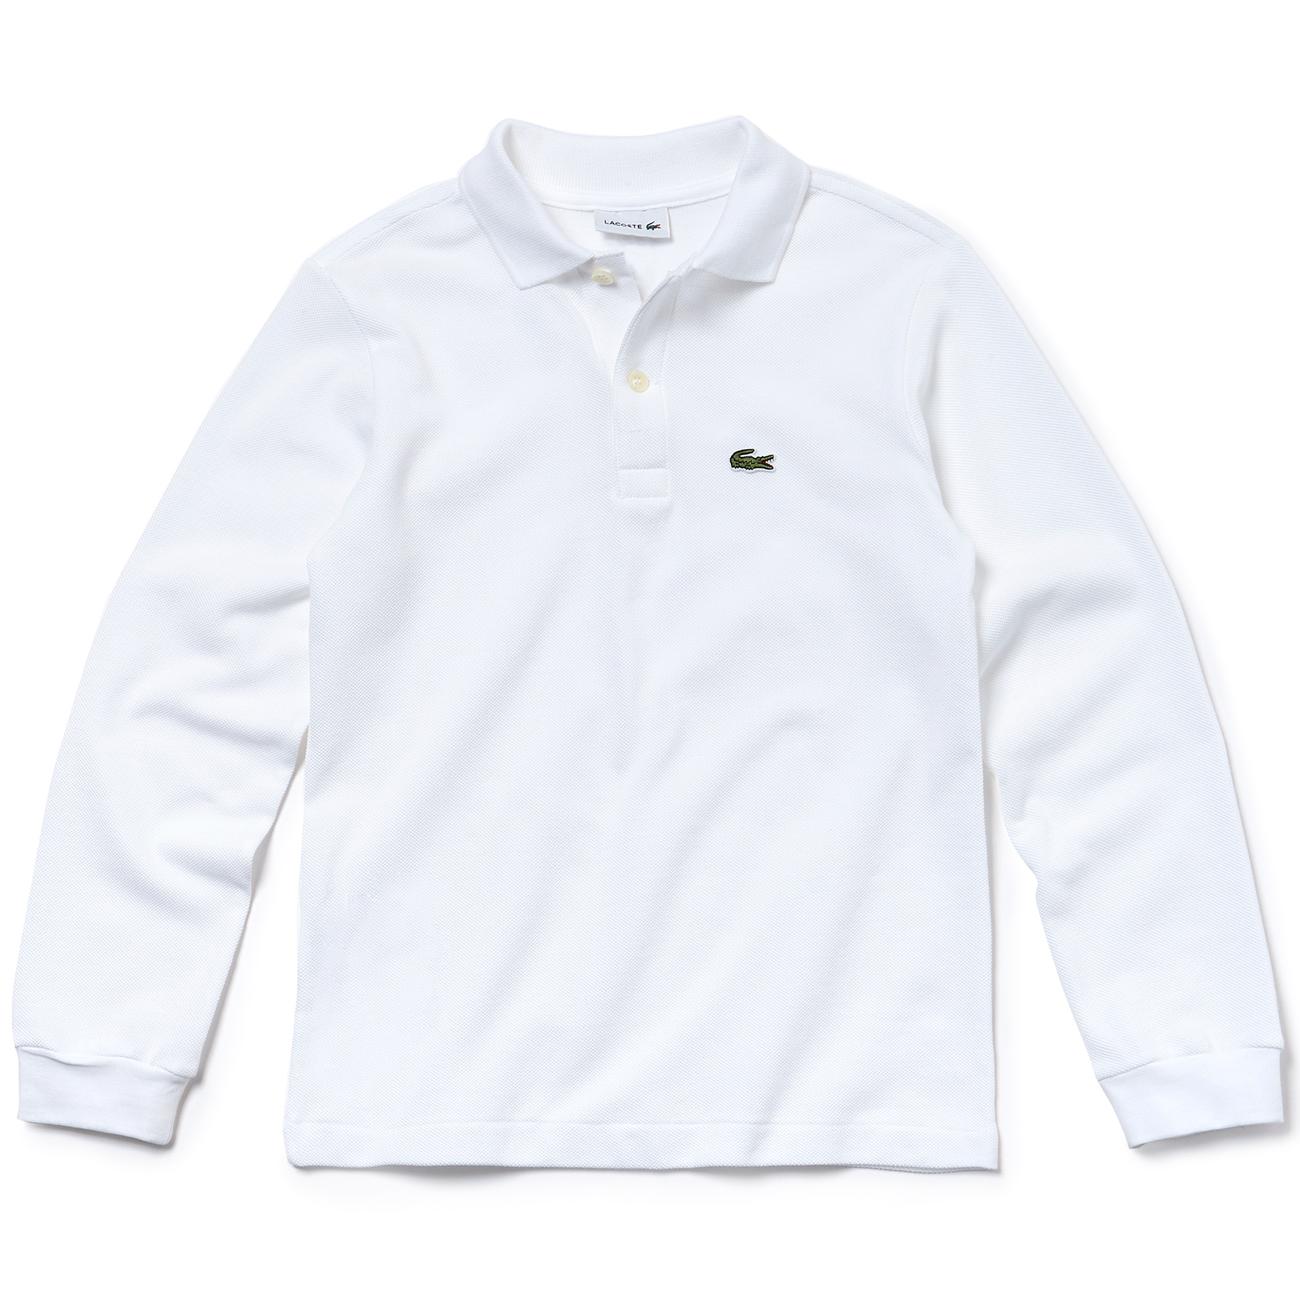 Bestellung wo zu kaufen großhandel online Lacoste Polo Tee L/S Blanc